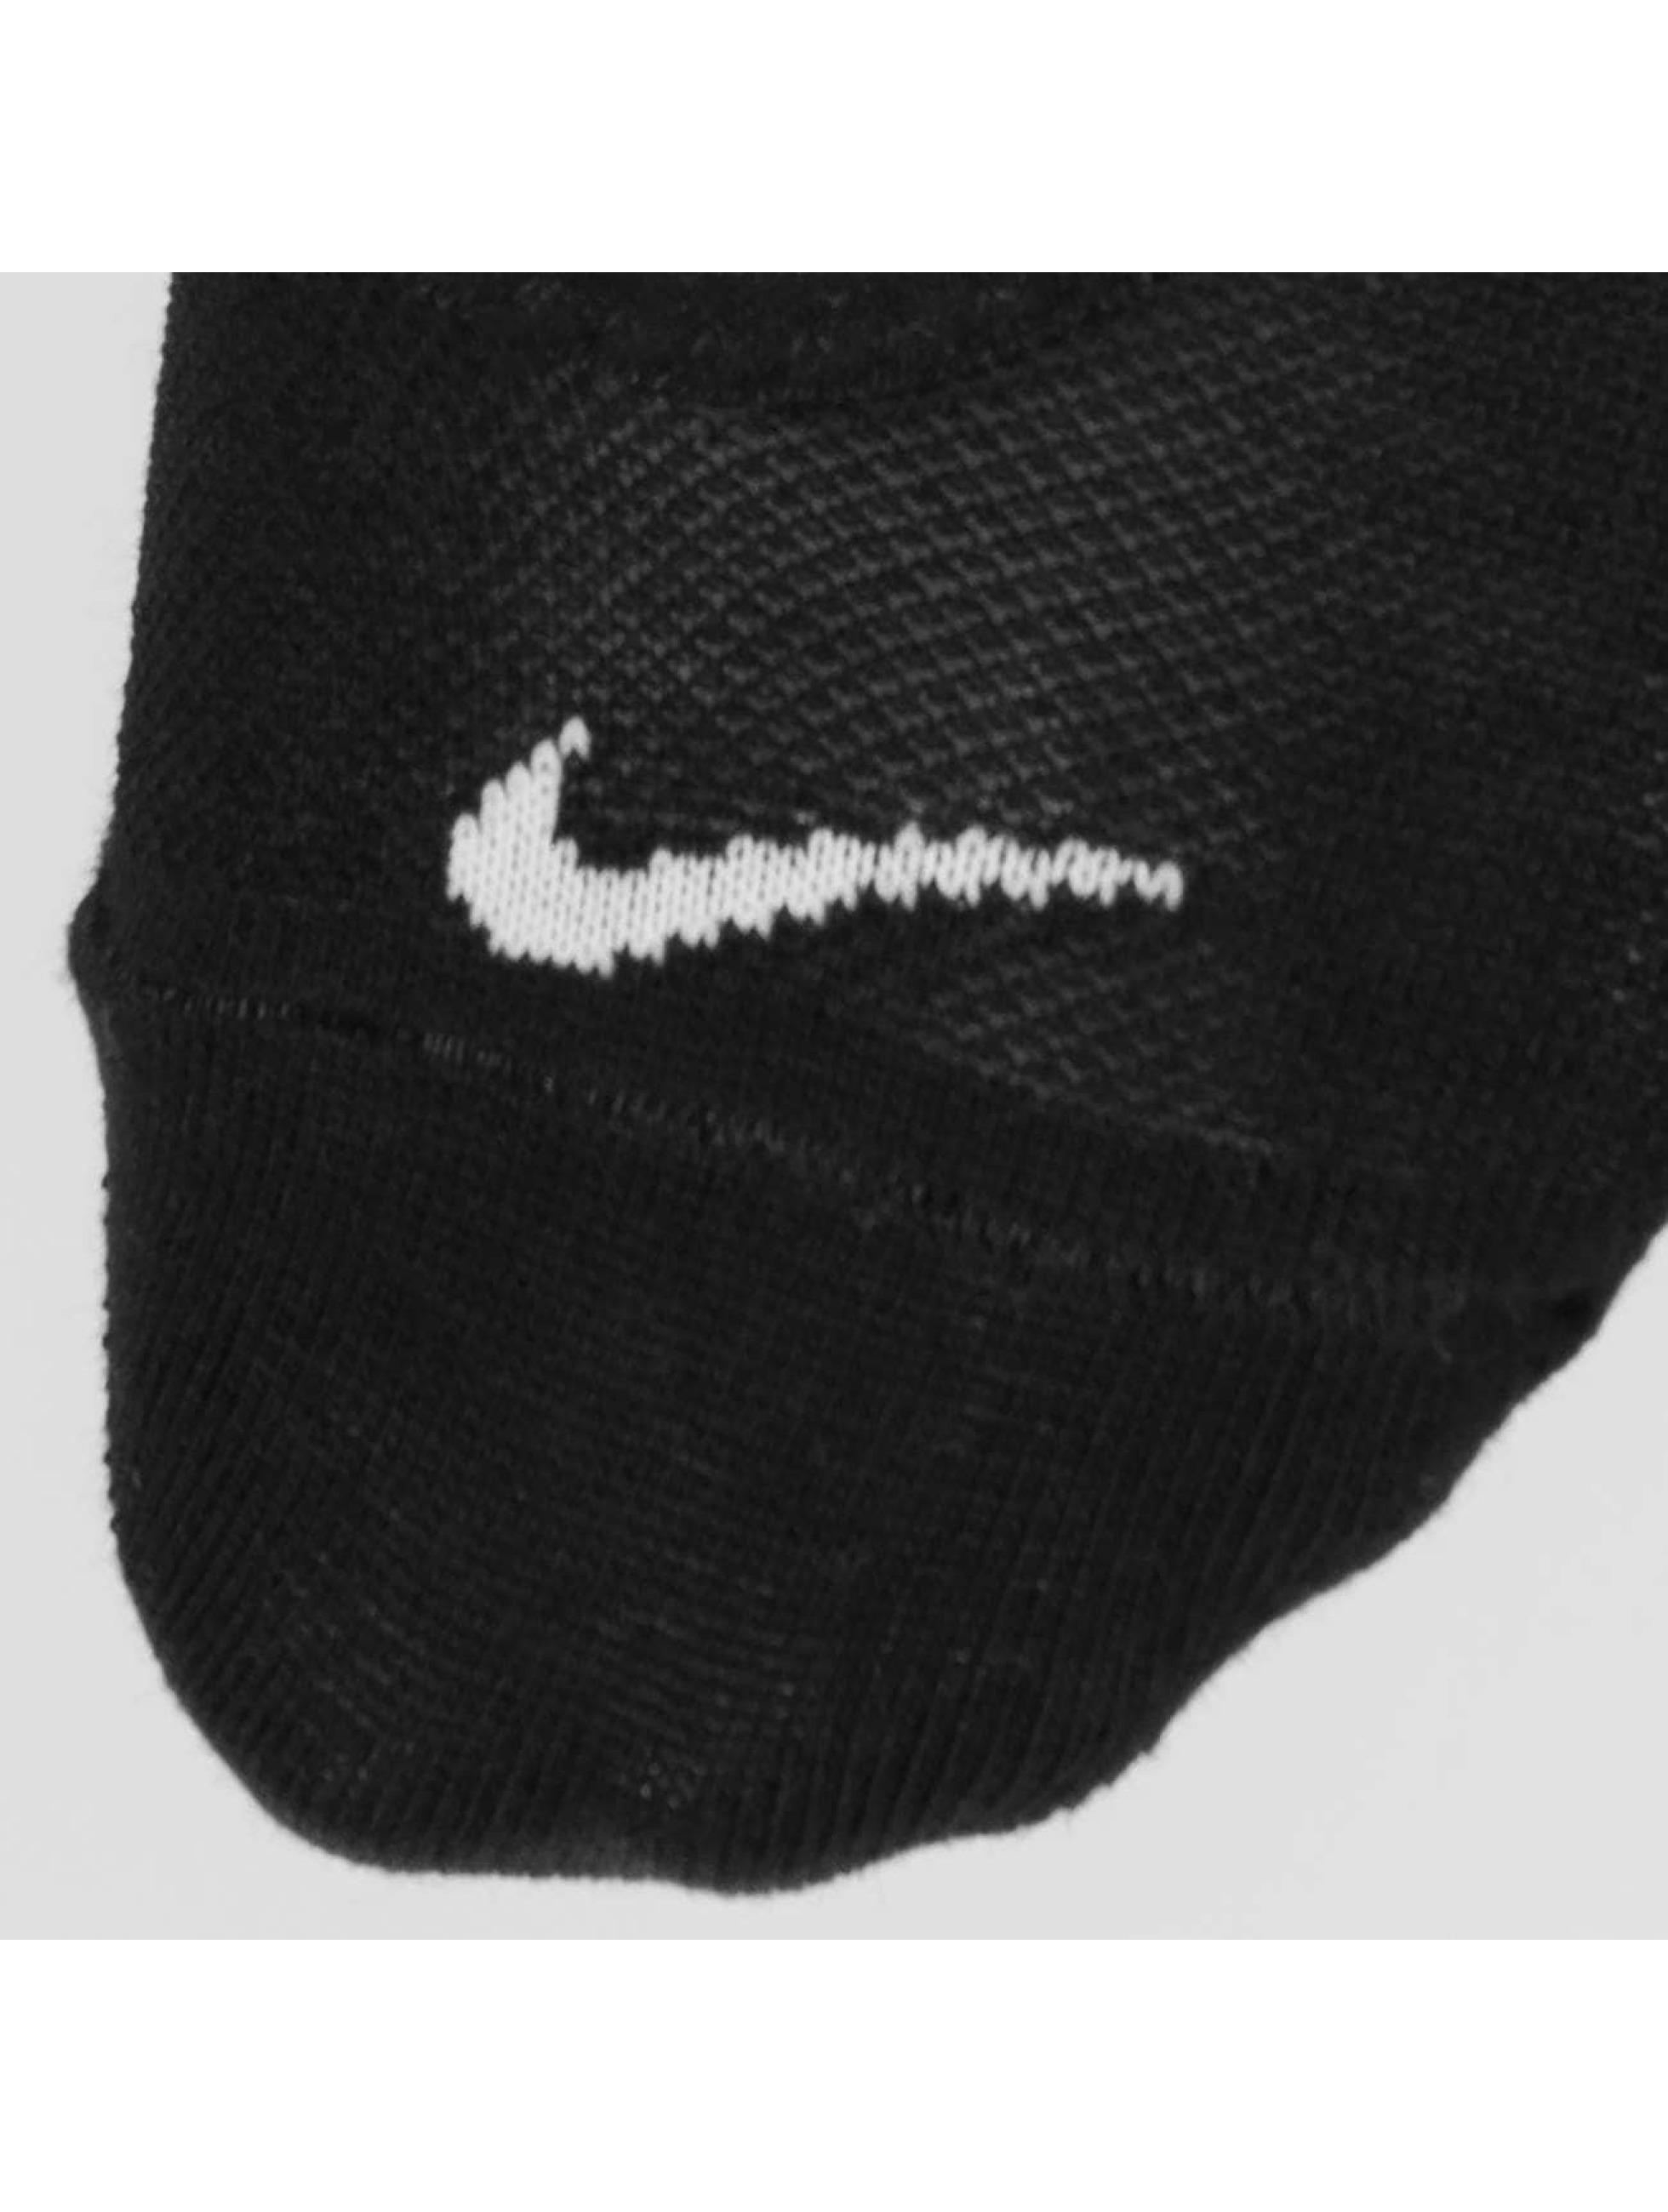 Nike Performance Sokker Everyday Lightweight Footie Training 3 Pack mangefarget